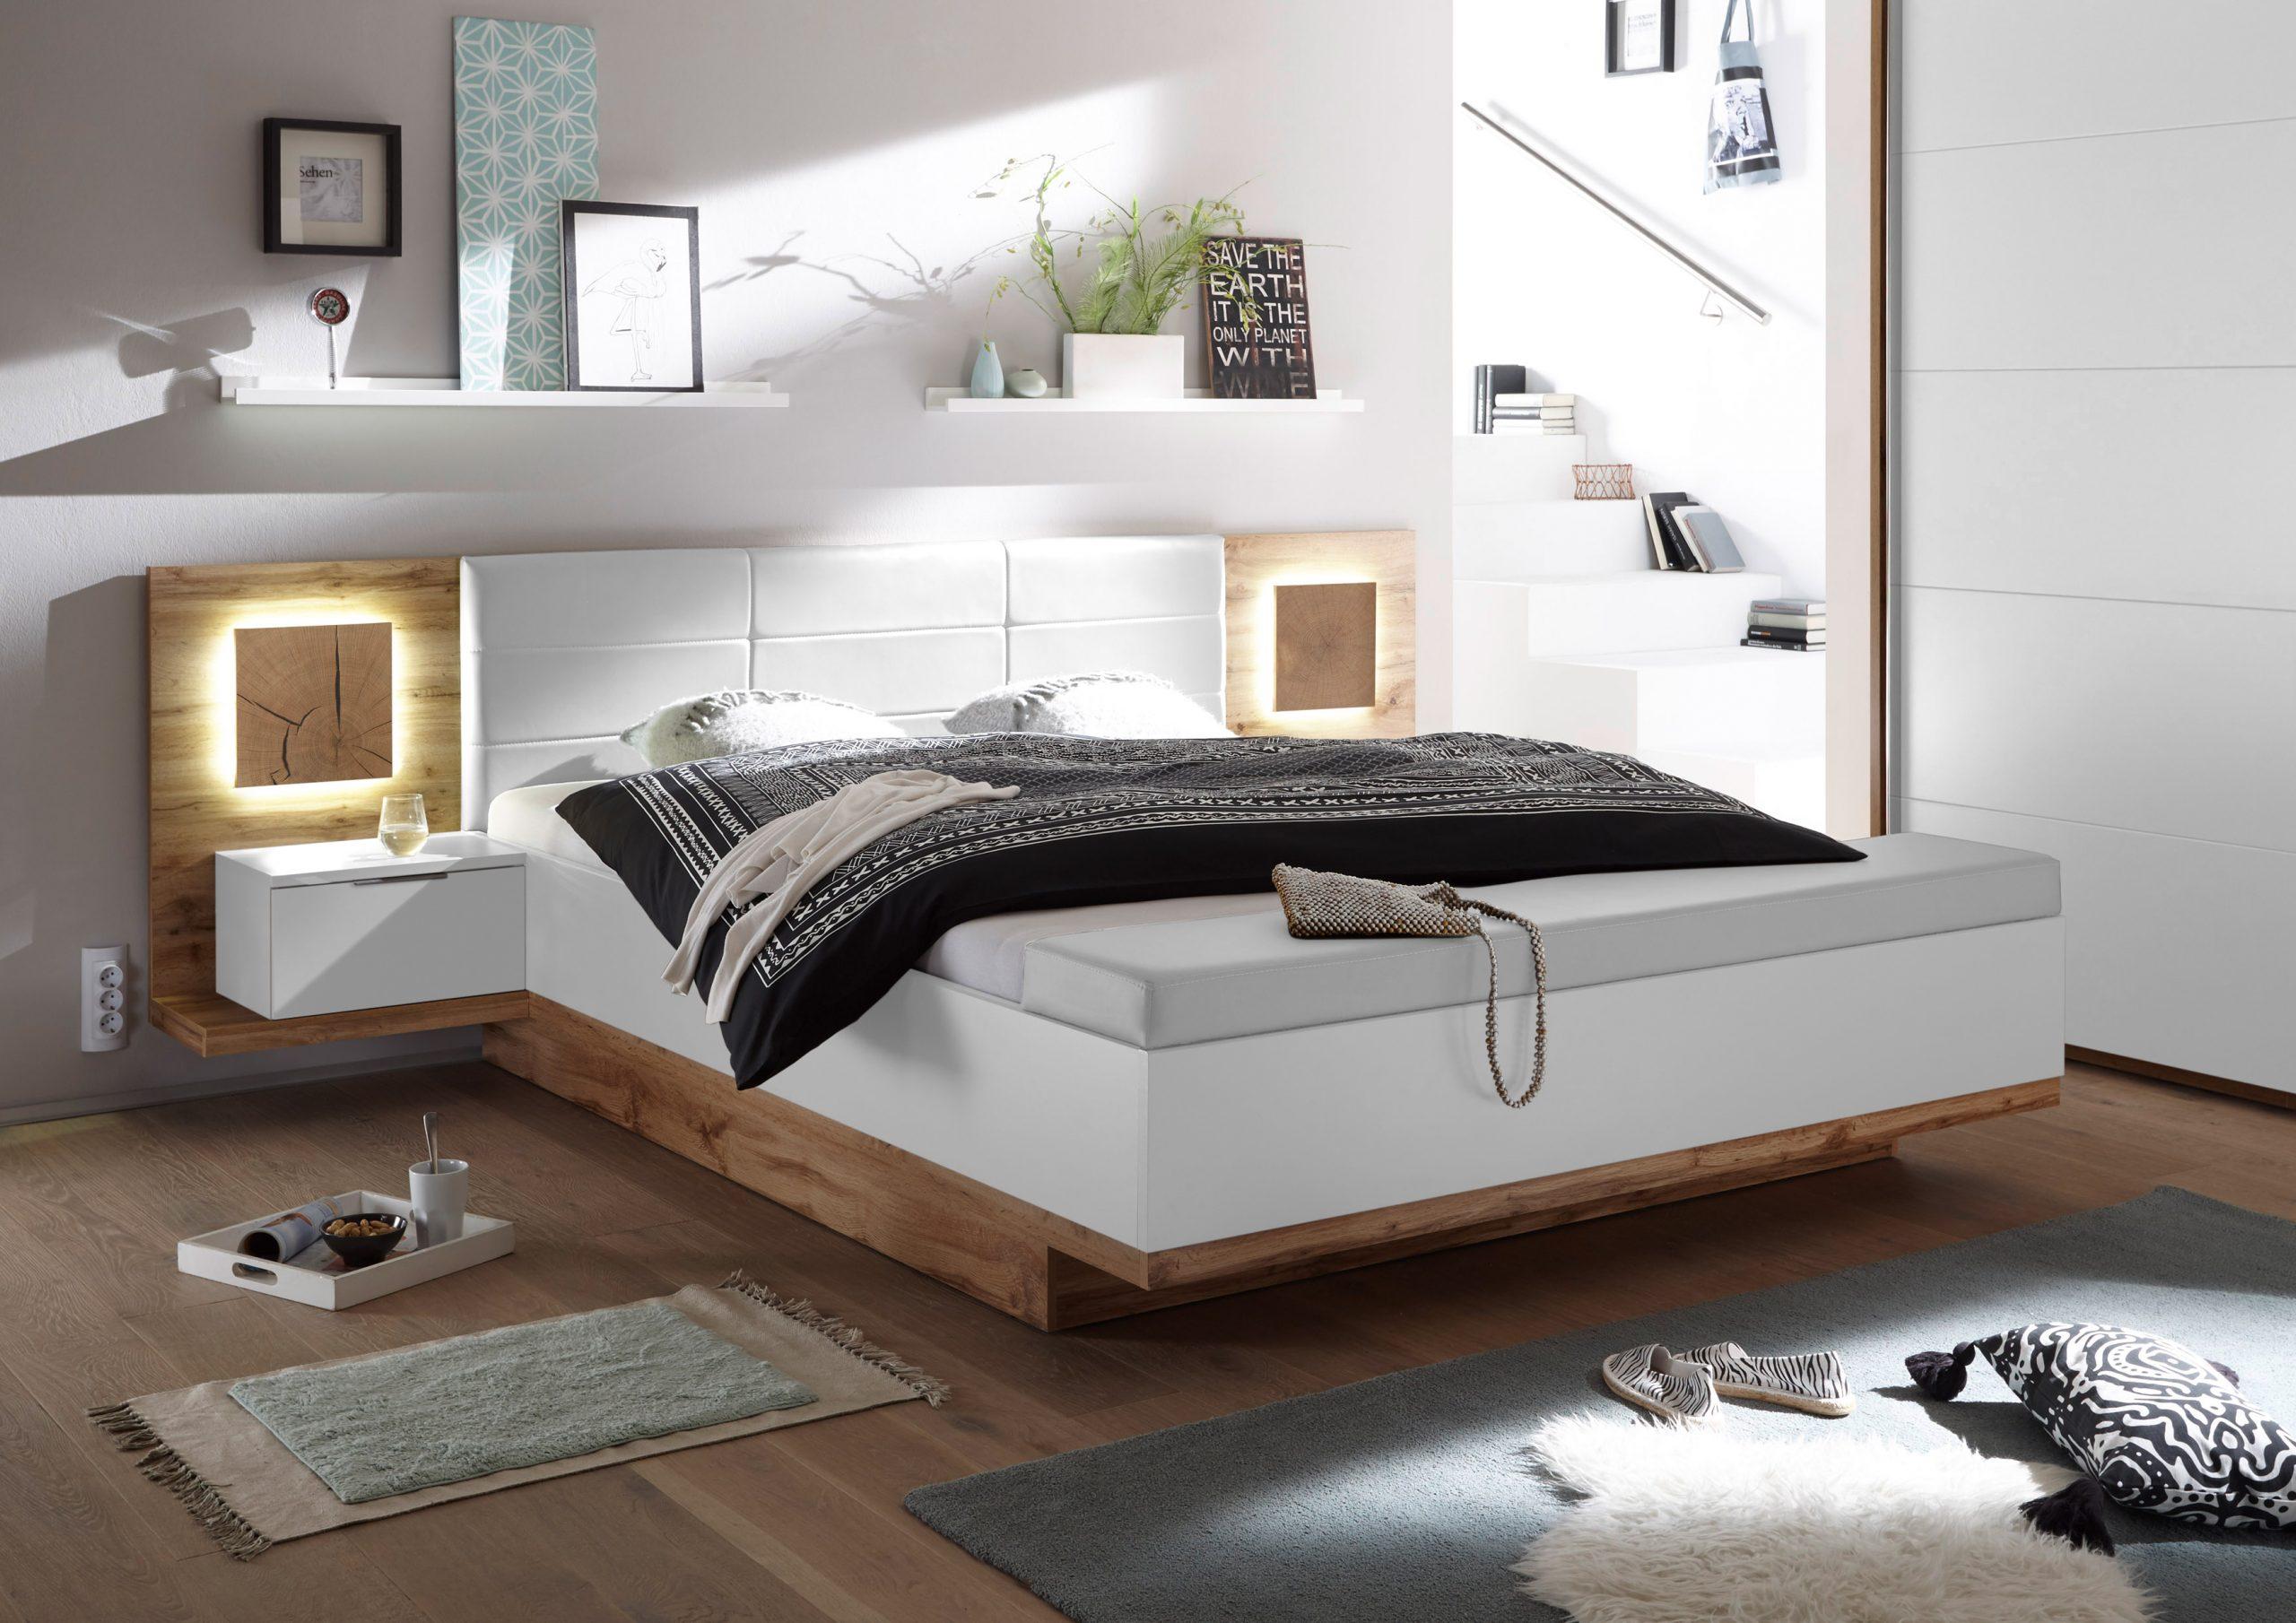 Full Size of Doppelbett Nachtkommoden Capri Xl Bett Ehebett Fussbank 180x200 Weiß Nolte Betten Frankfurt überlänge Badezimmer Hochschrank Hochglanz Ruf Preise Kaufen Bett Betten Weiß